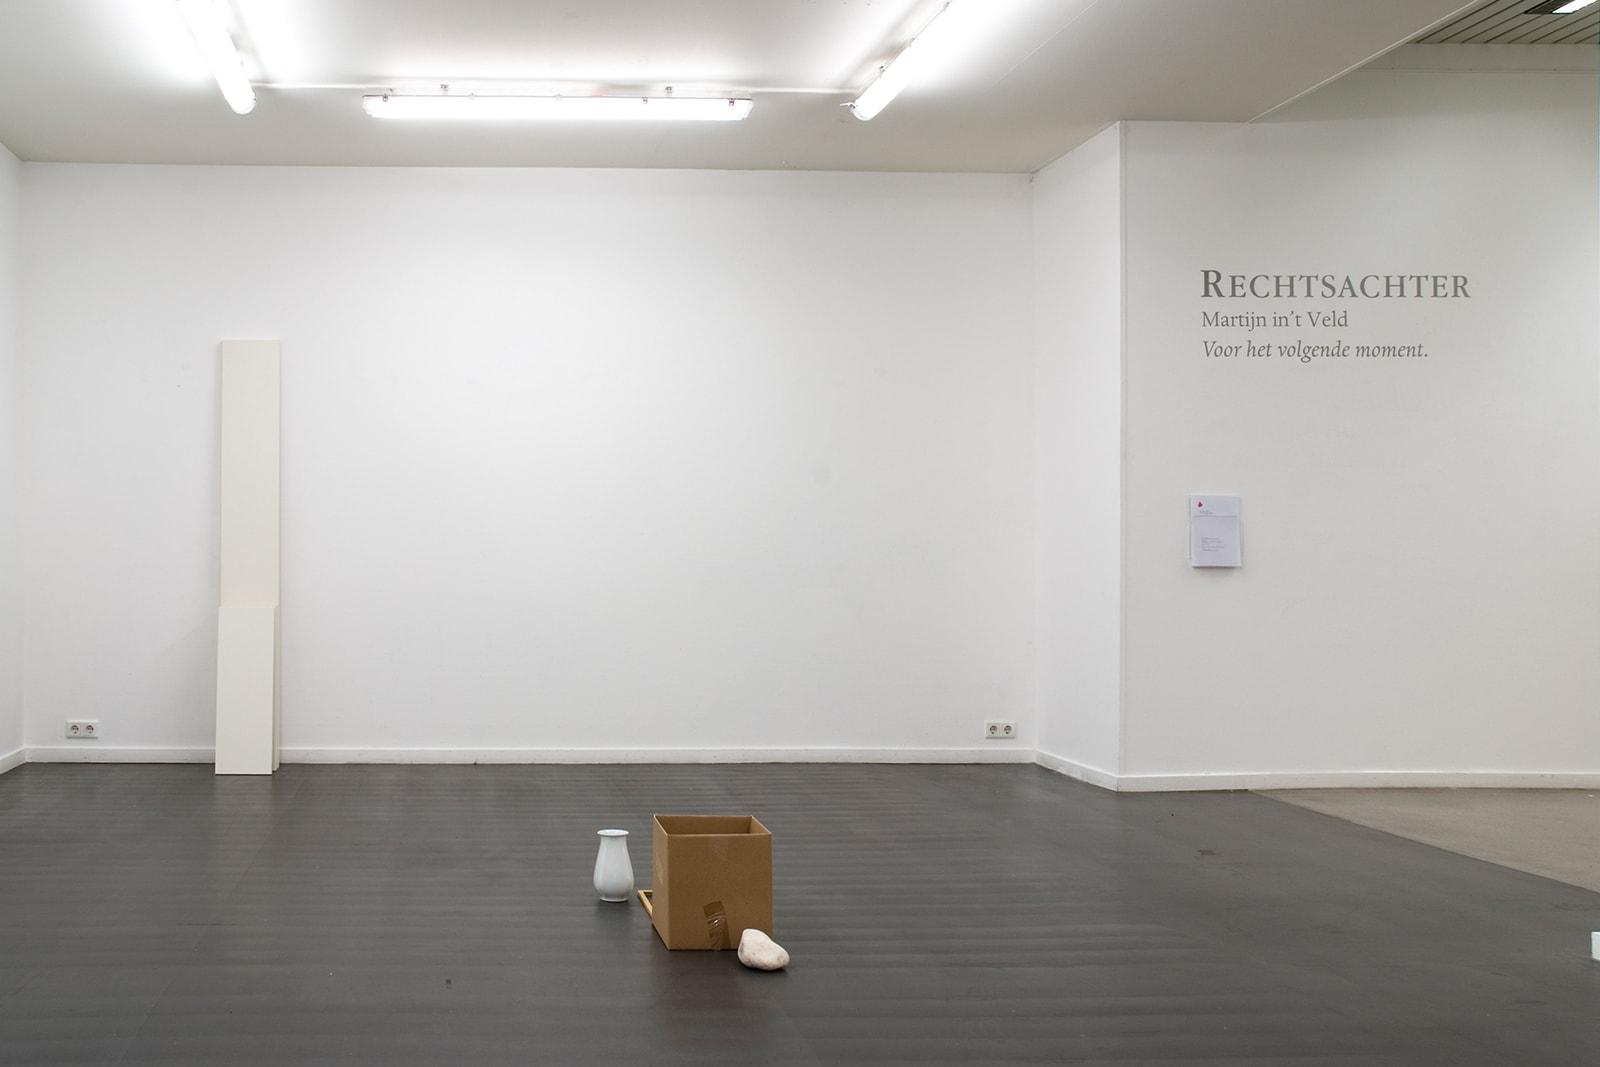 Voor het volgende moment - Exhibition overview